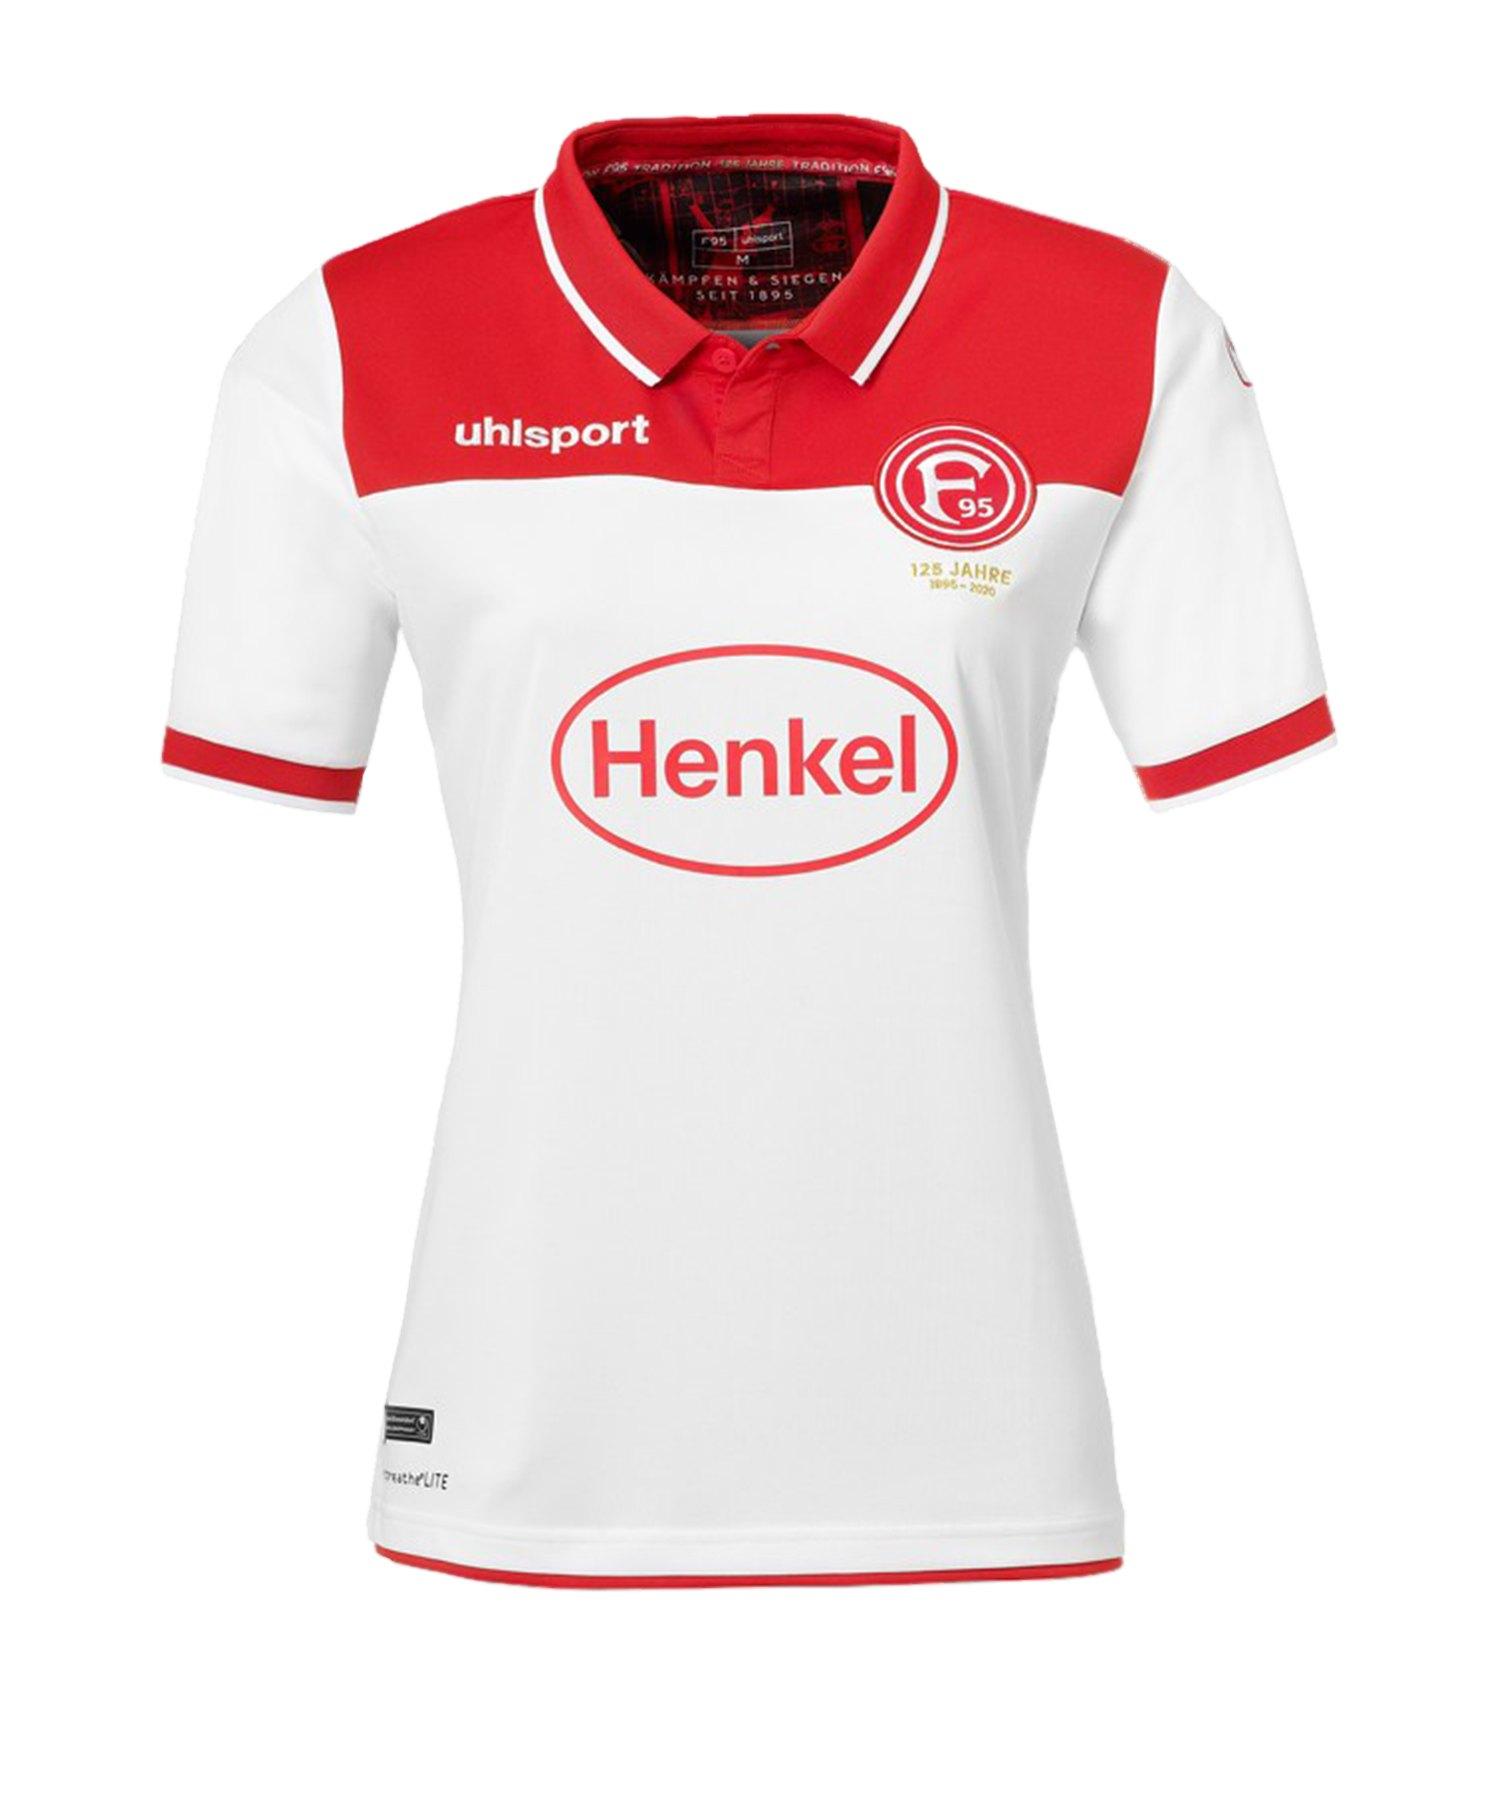 Uhlsport Fortuna Düsseldorf Trikot Home 2019/2020 Damen Weiss - weiss